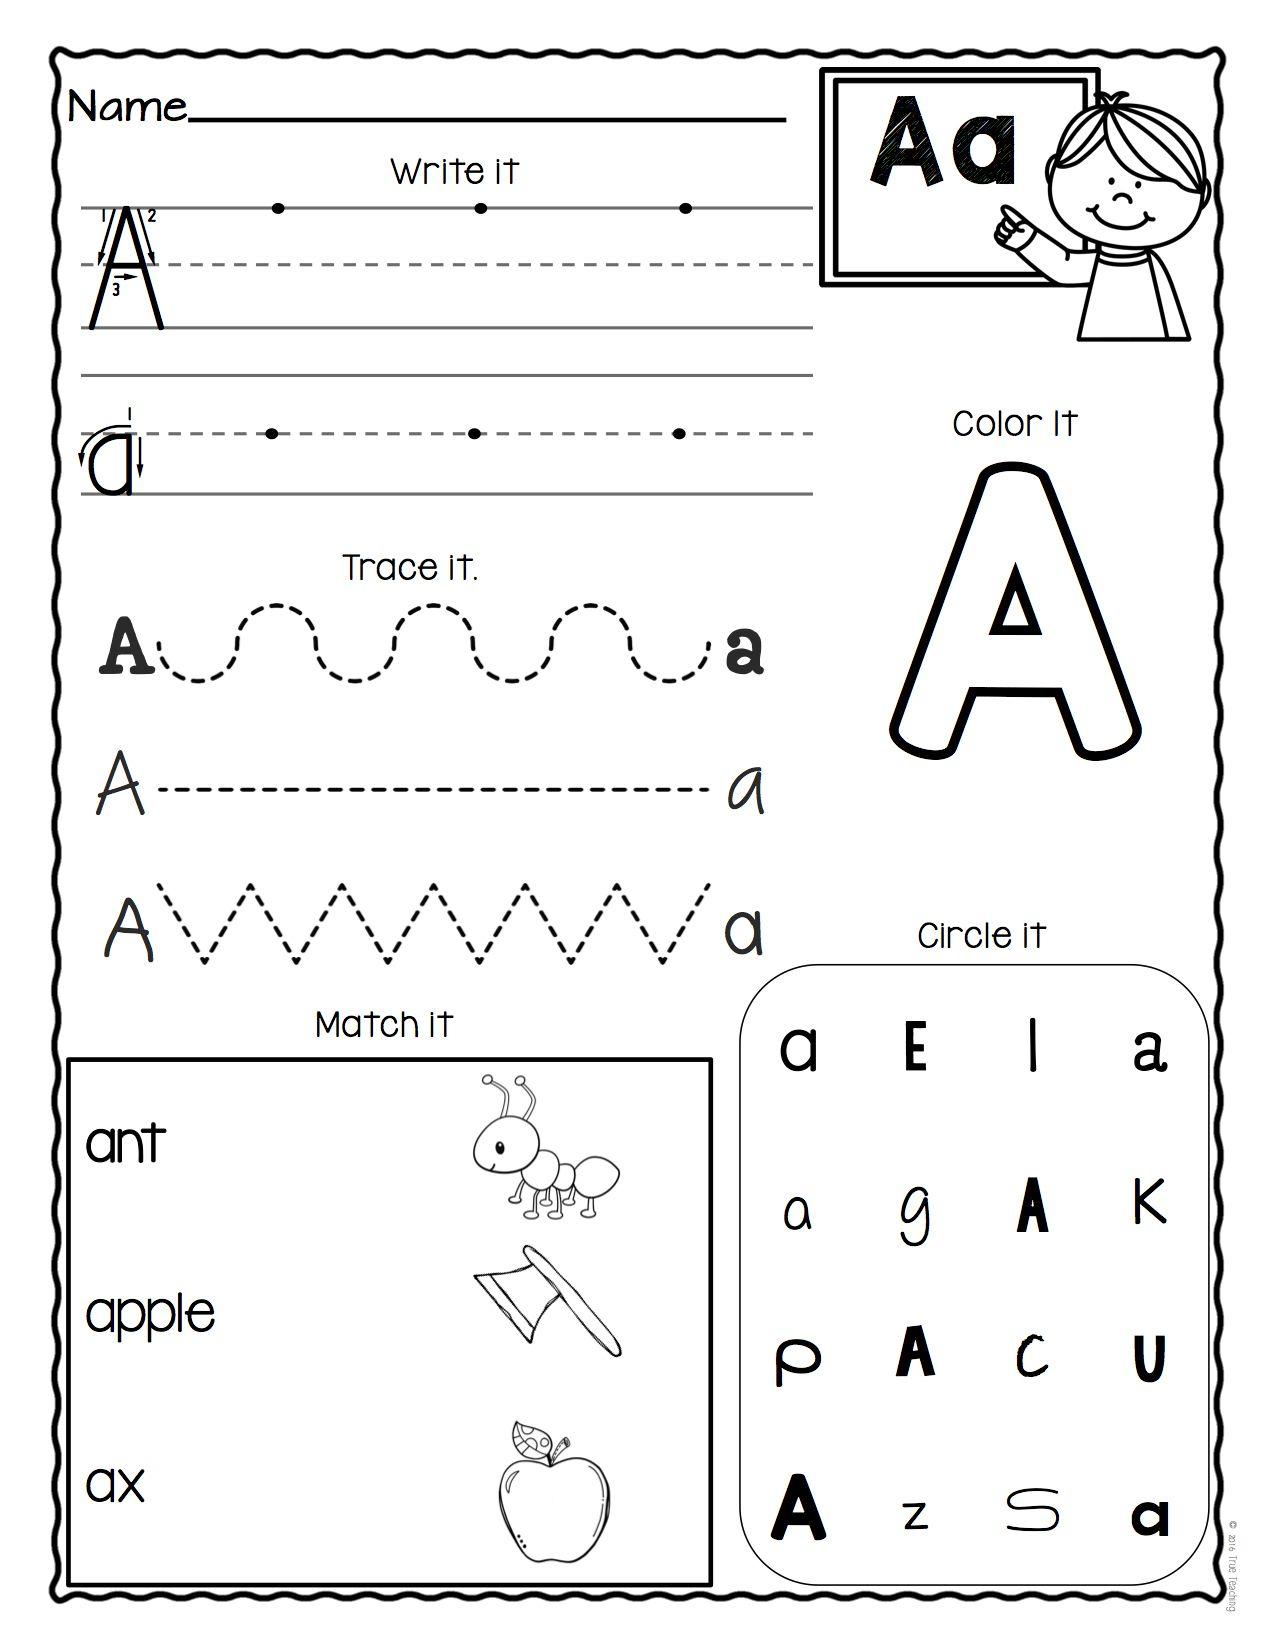 A-Z Letter Worksheets (Set 3) | Letter Worksheets For pertaining to Alphabet A Worksheets For Preschool